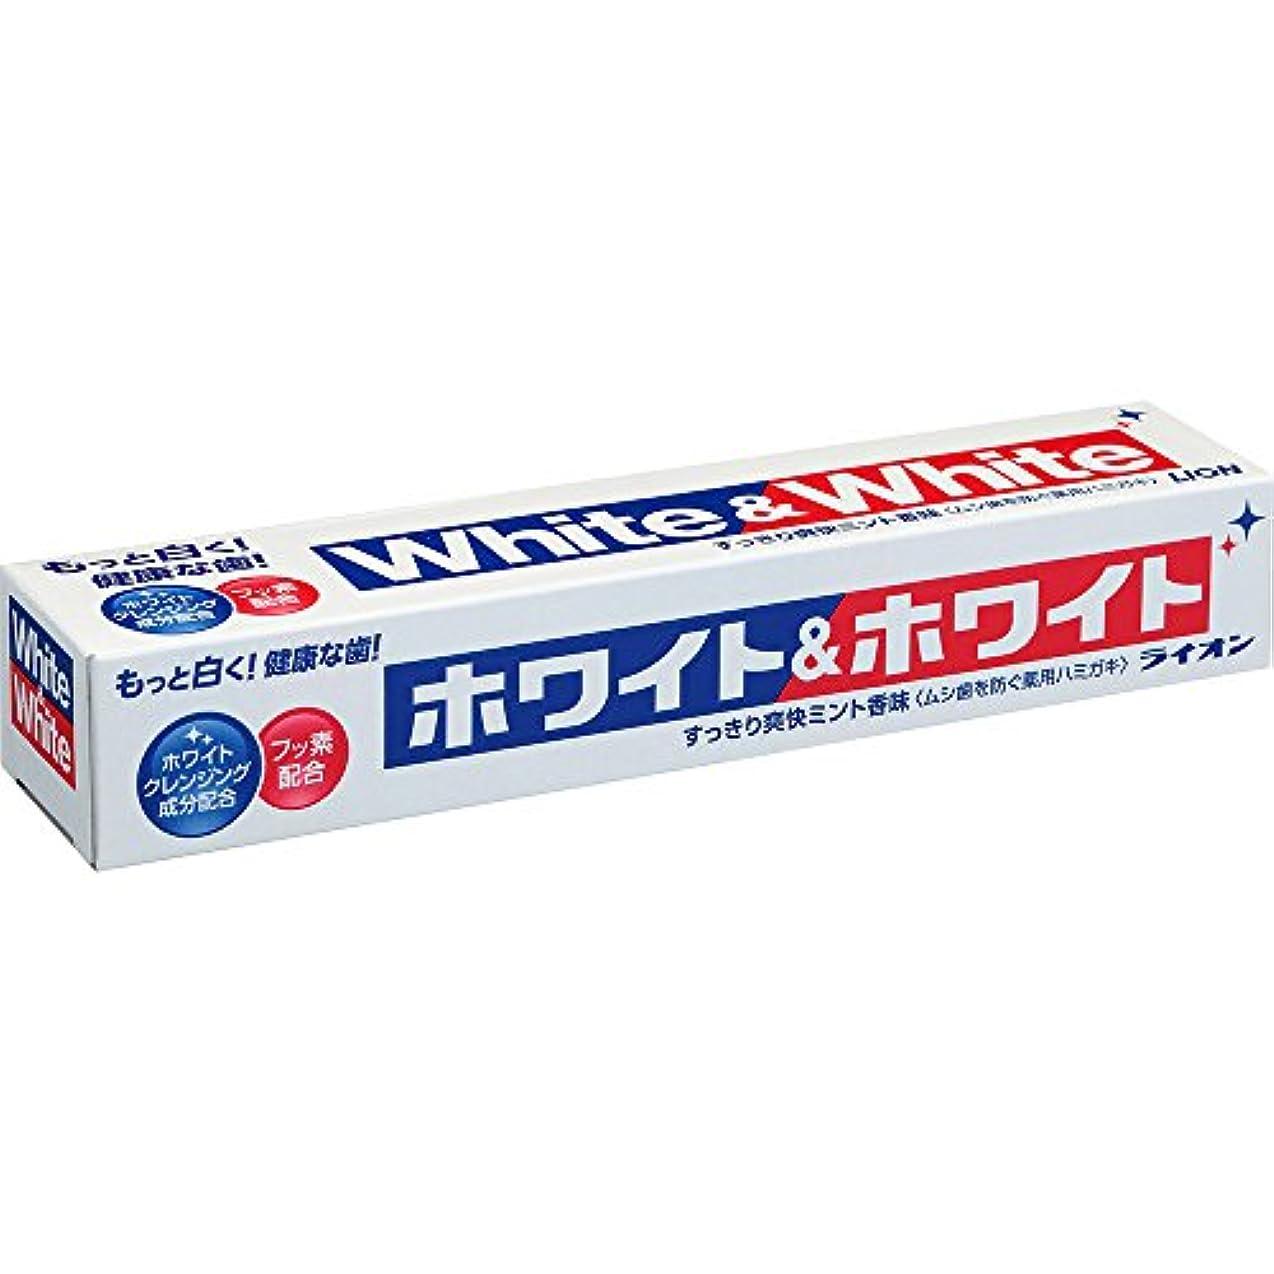 申し立てられた受粉する病なライオン ホワイト&ホワイト 150g [並行輸入品]